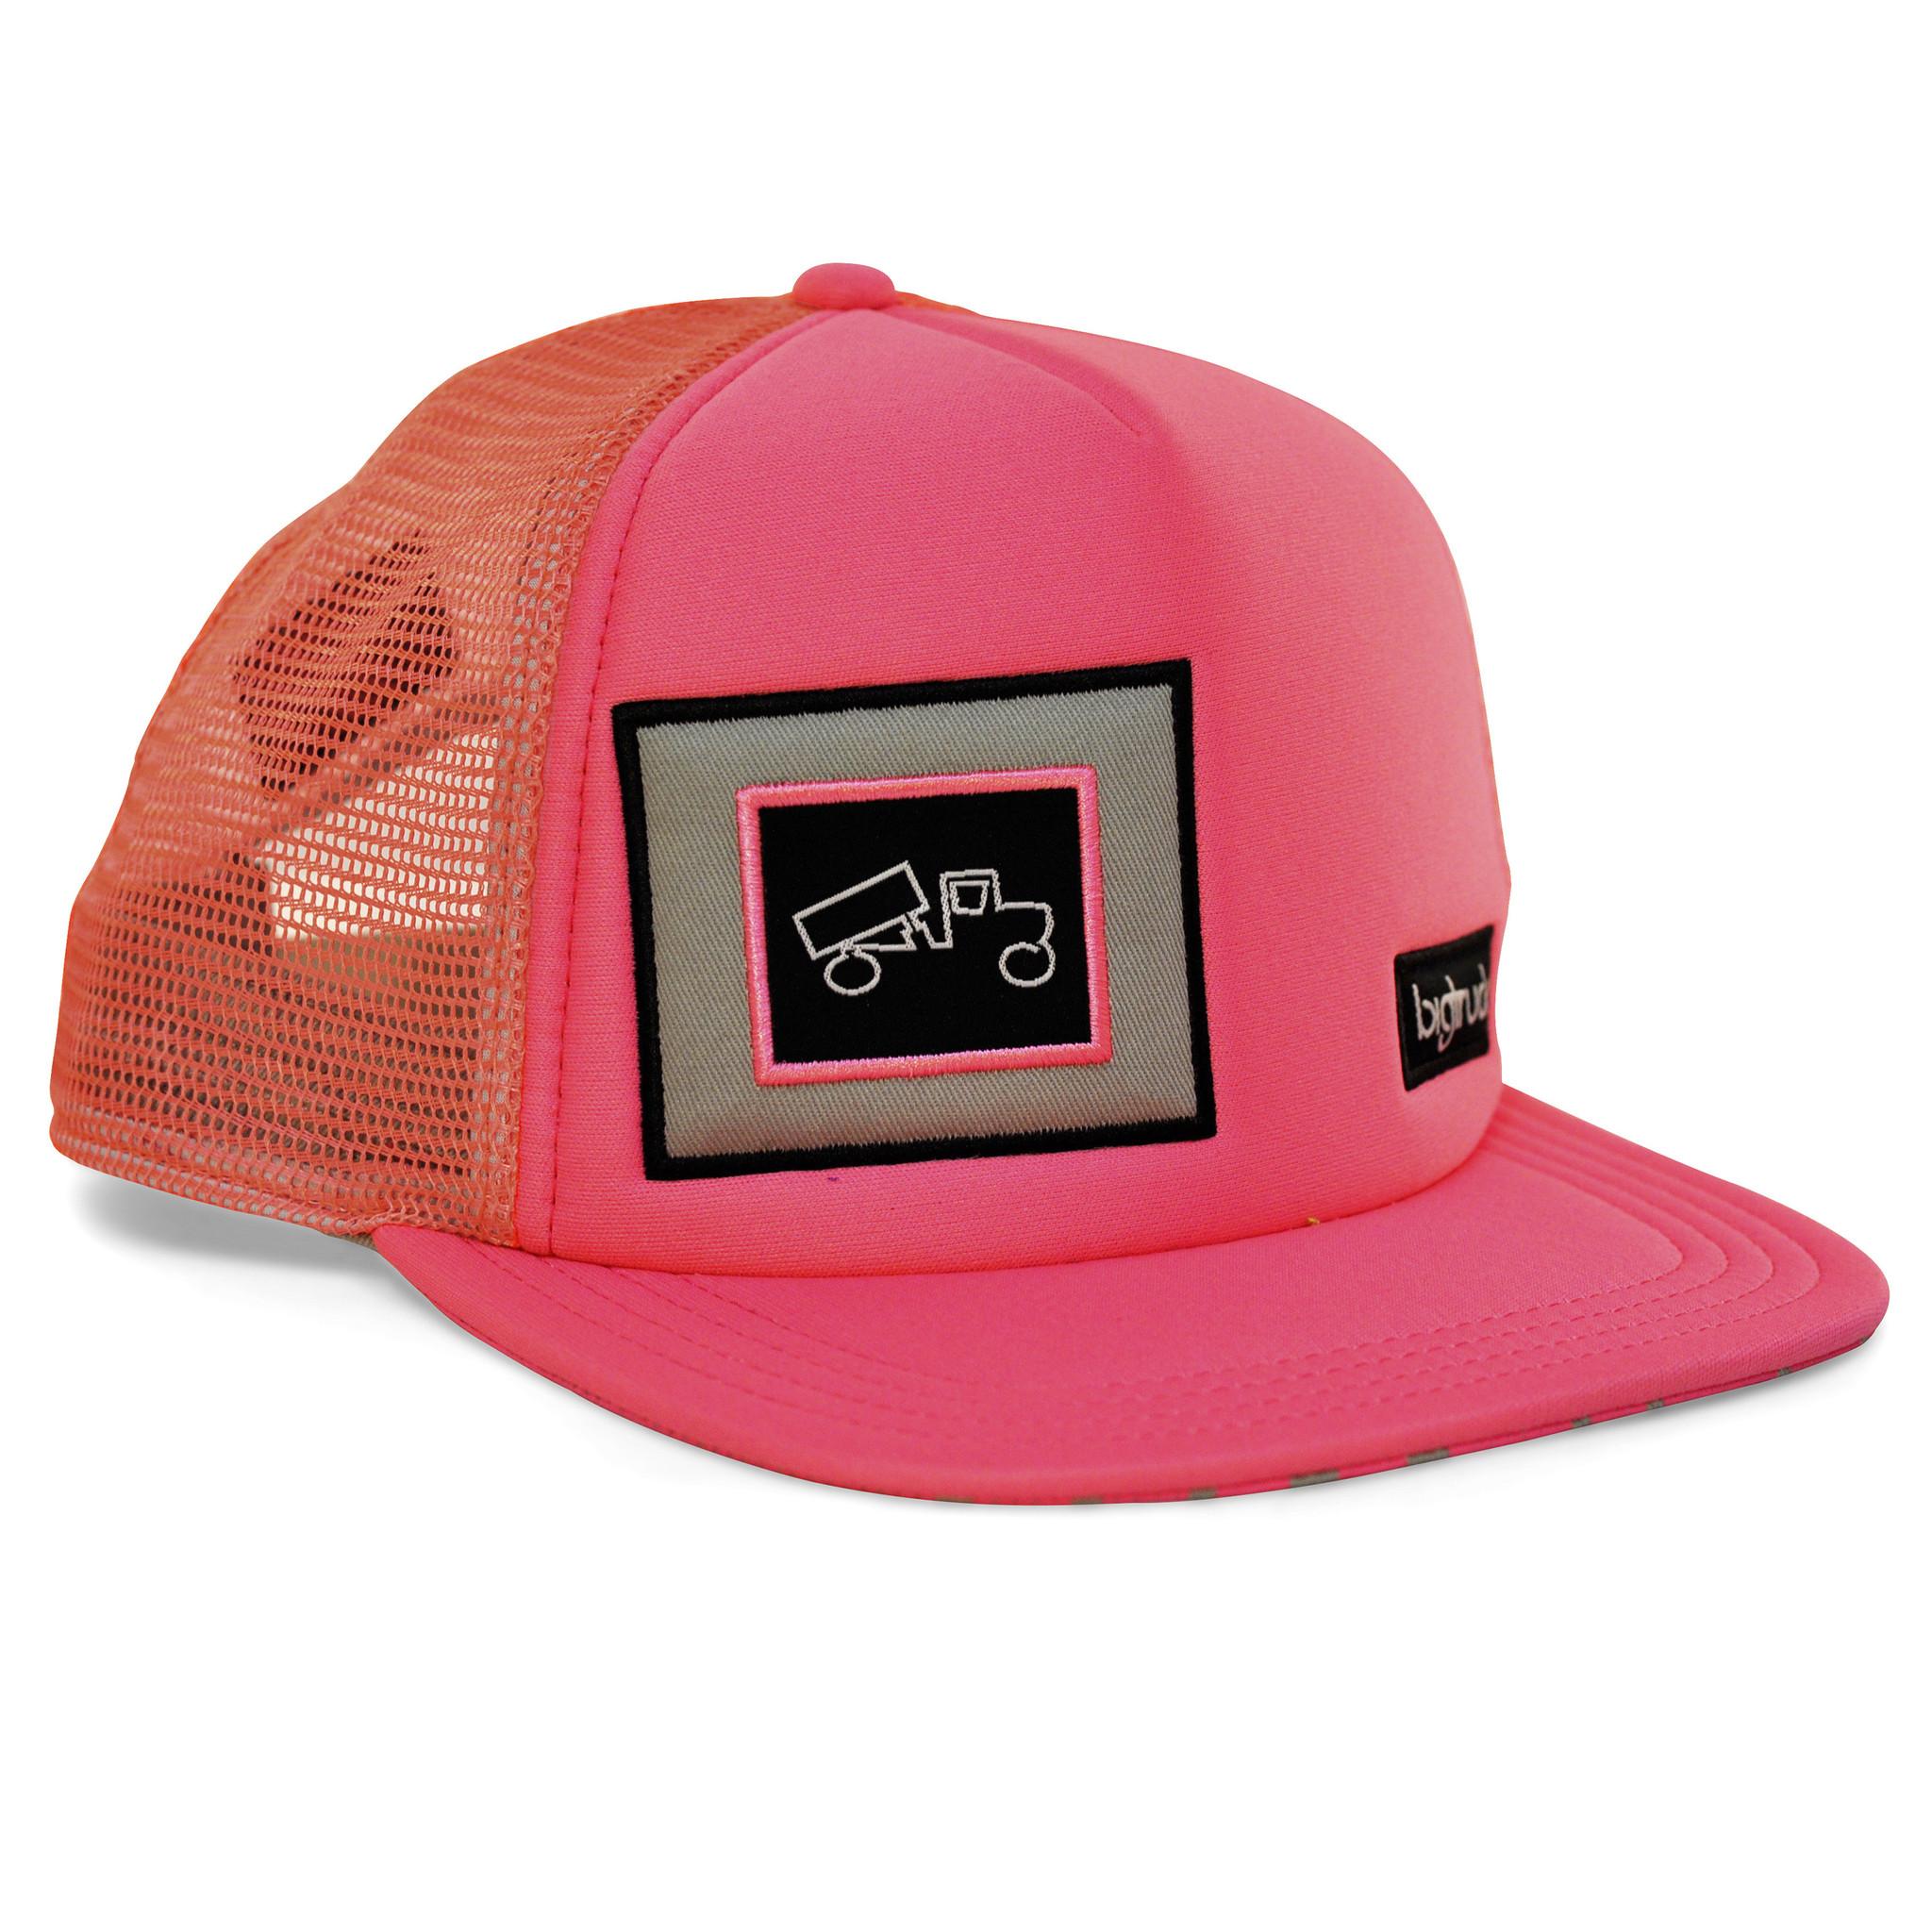 OG_Flat_Neon_Pink